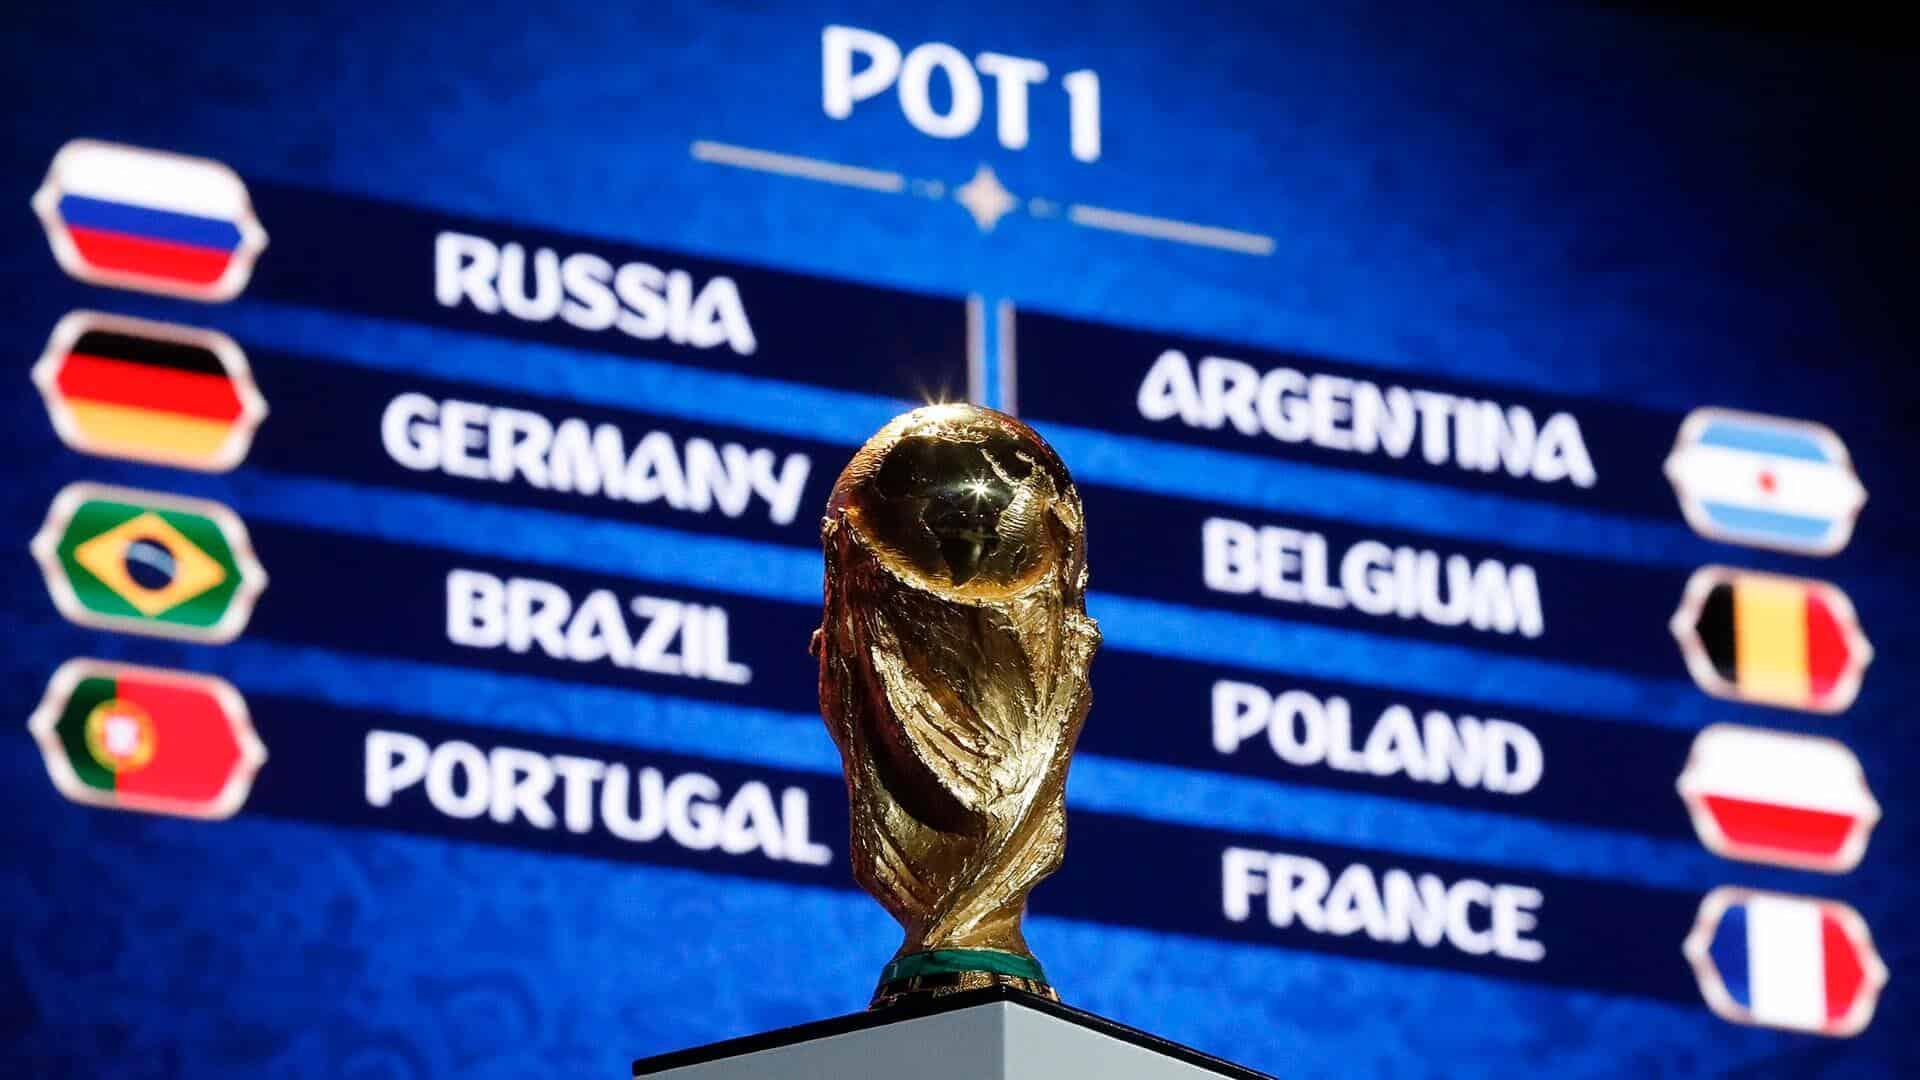 ¿Quién ganaría el Mundial de Rusia 2018 según el horóscopo chino?